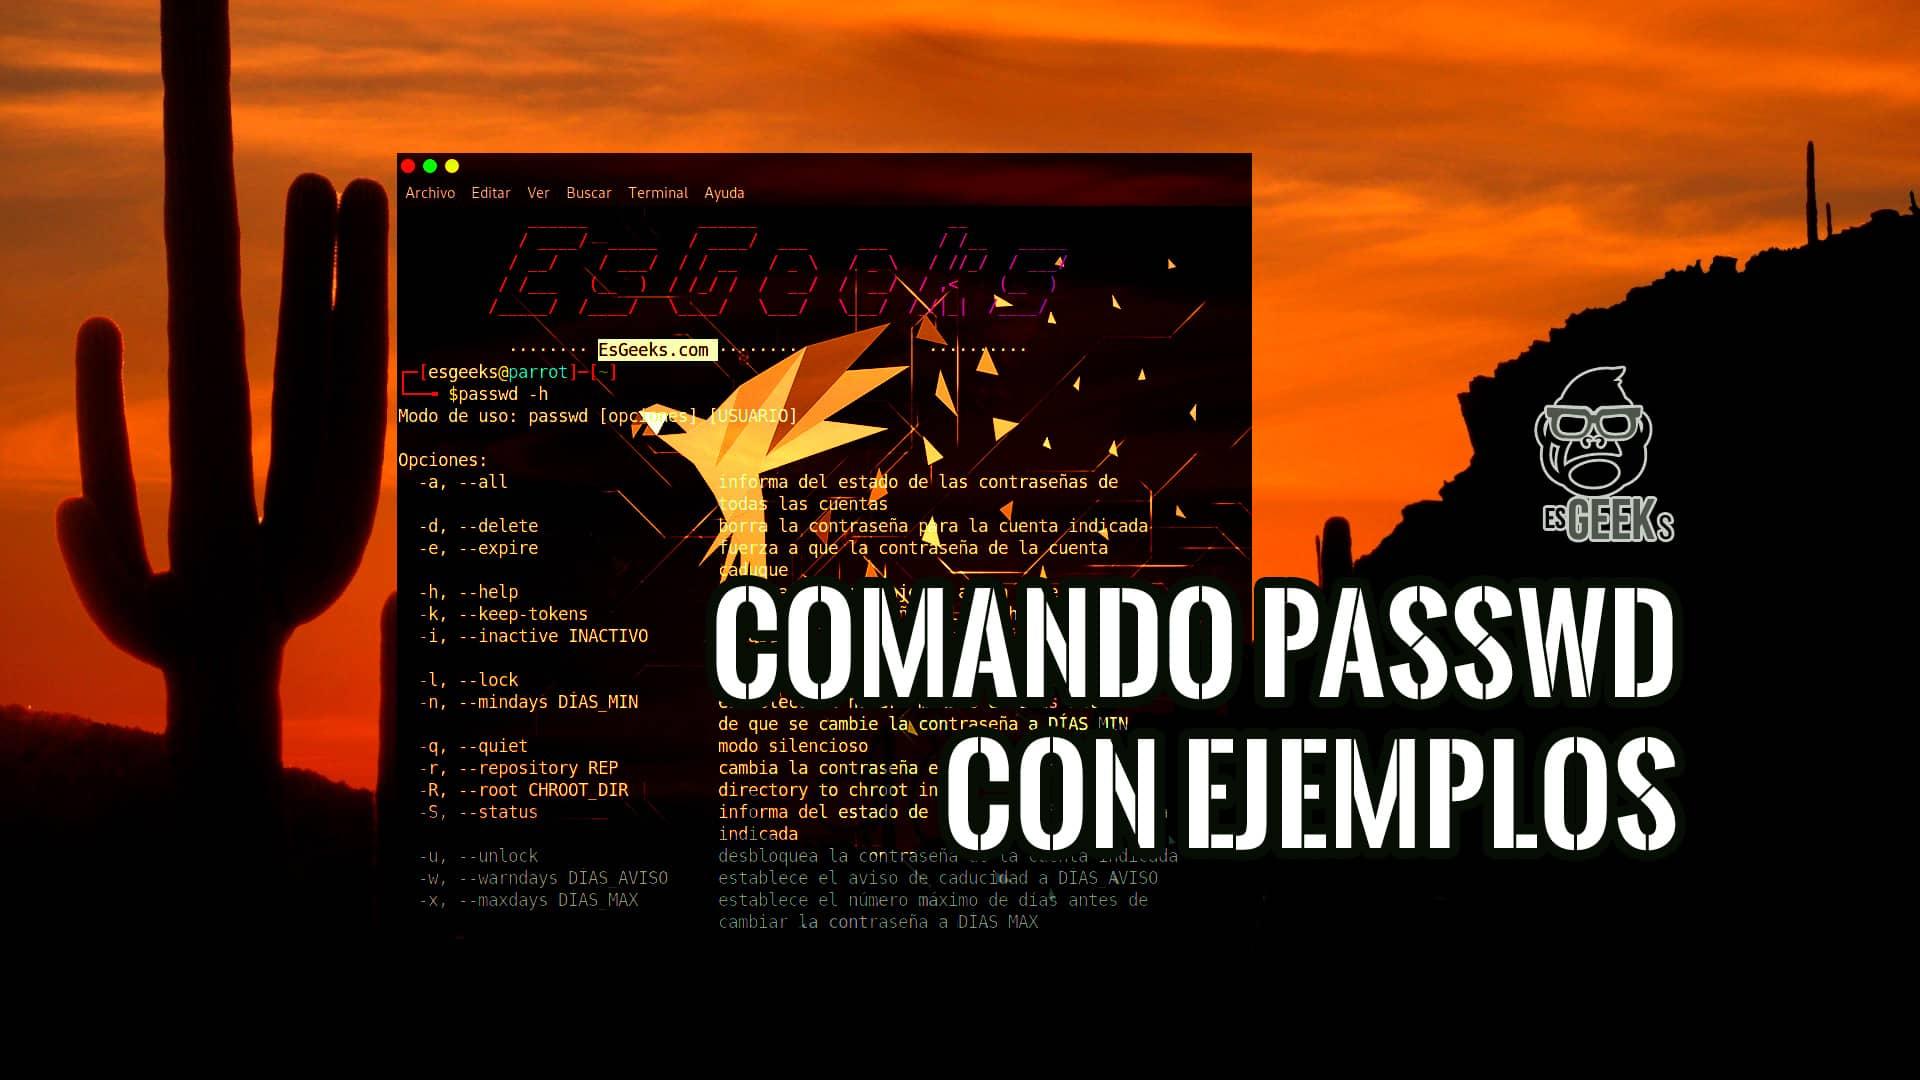 Comando passwd en Linux con Ejemplos